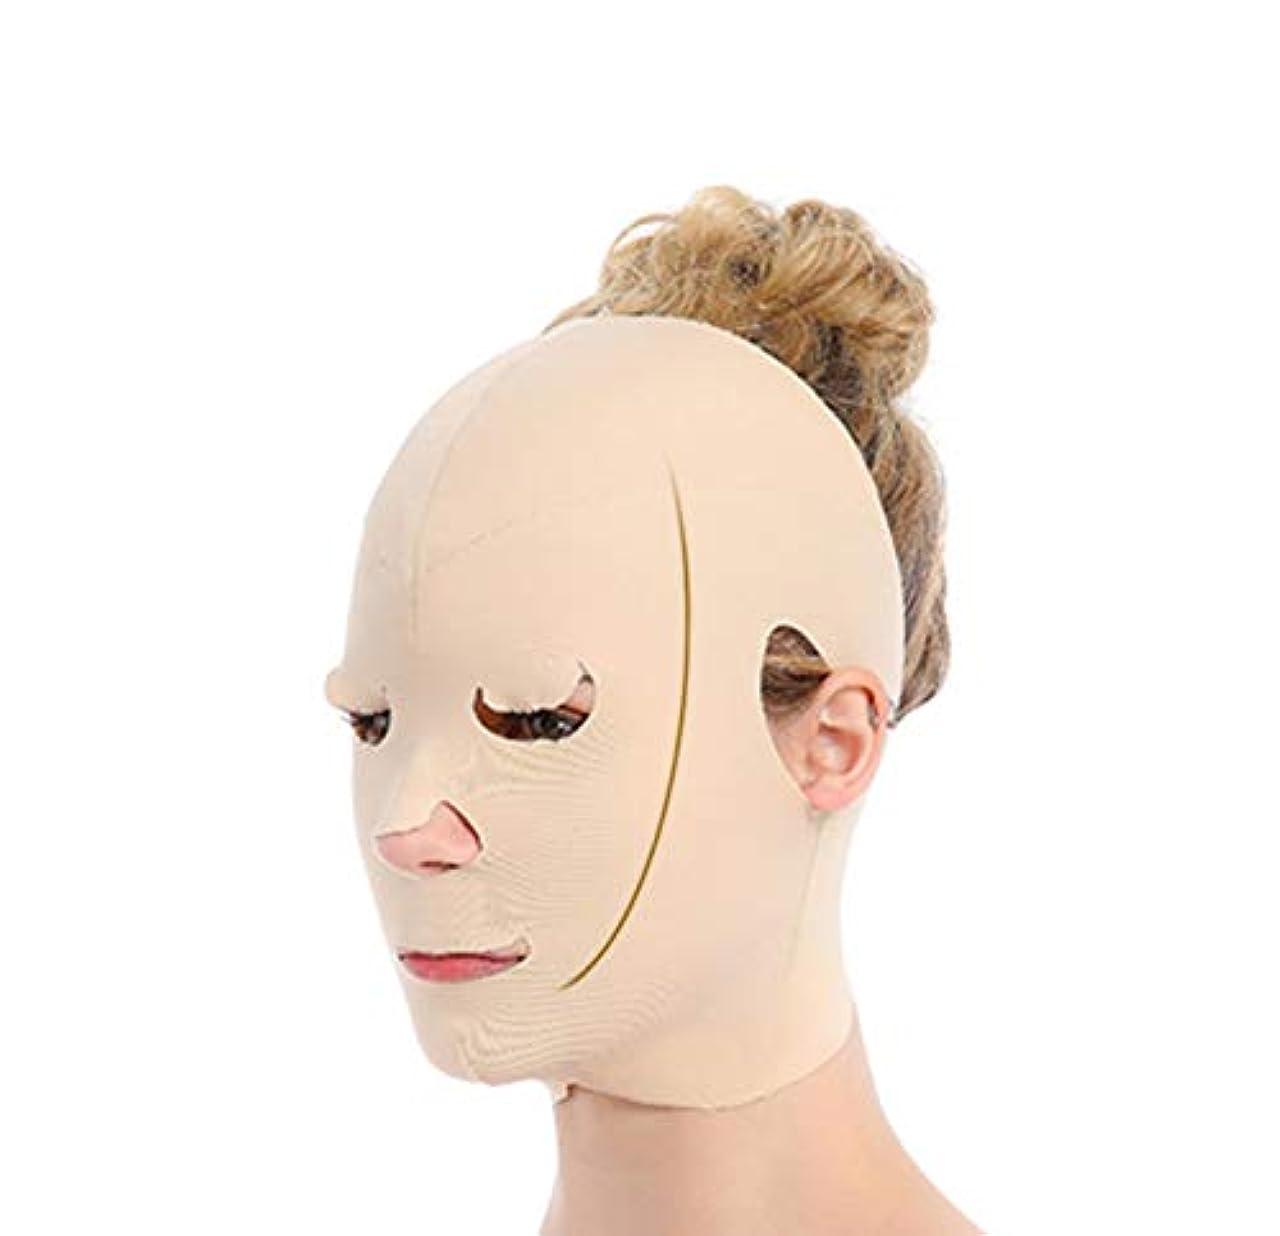 バング脱臼する治世小さな顔ツールv顔包帯薄い顔美容マスク怠惰な睡眠マスク男性と女性v顔包帯整形リフティング引き締め顔薄い二重あご